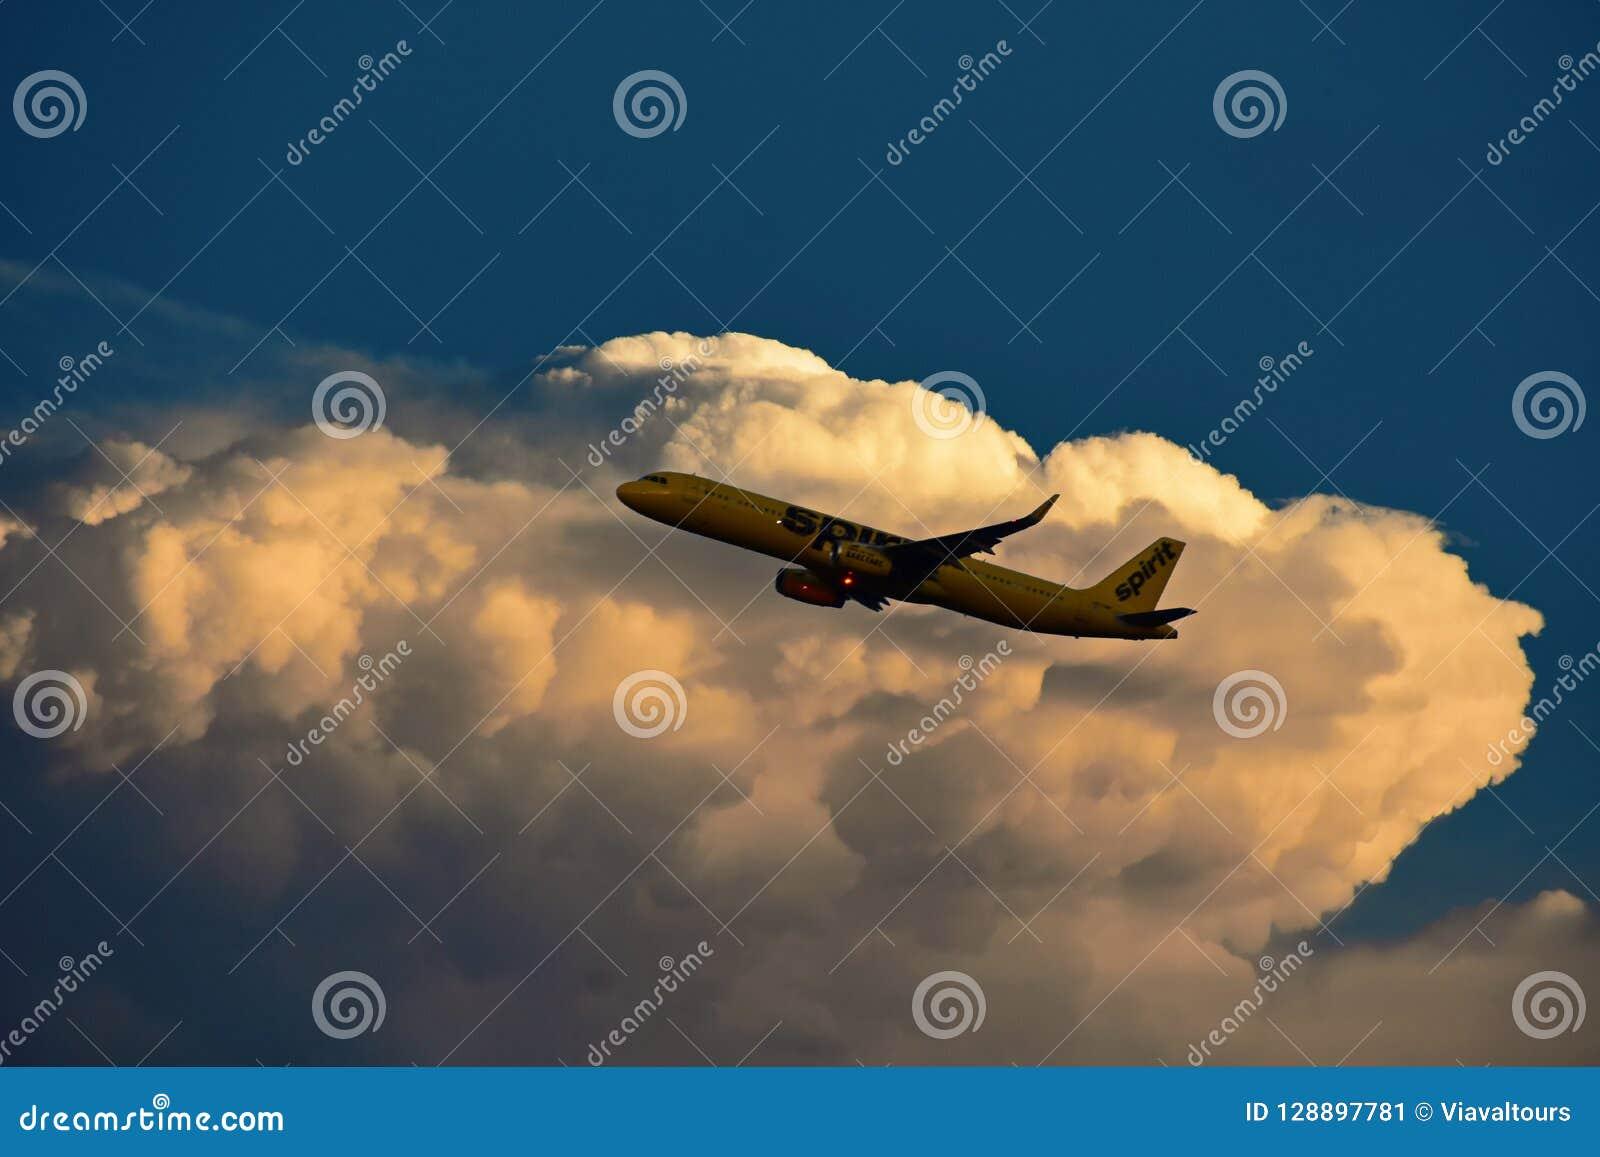 Самолет от авиакомпаний духа приобретая высоту после взлета, на красивом небе захода солнца